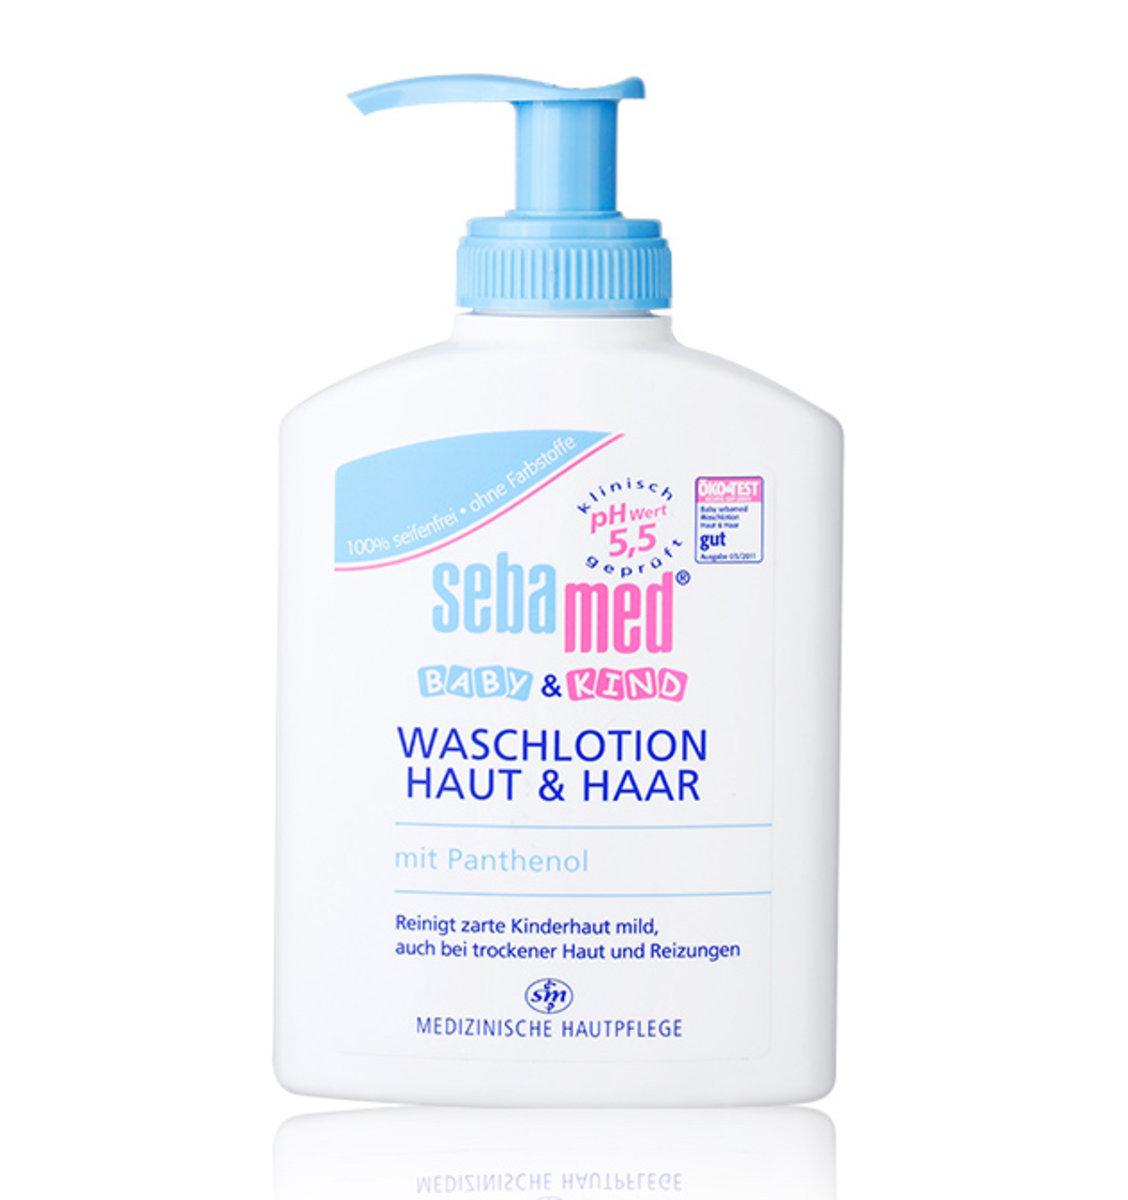 Sebamed Baby Wash Skin Hair 200ml German Version Hktvmall Face Body 200 Ml Online Shopping